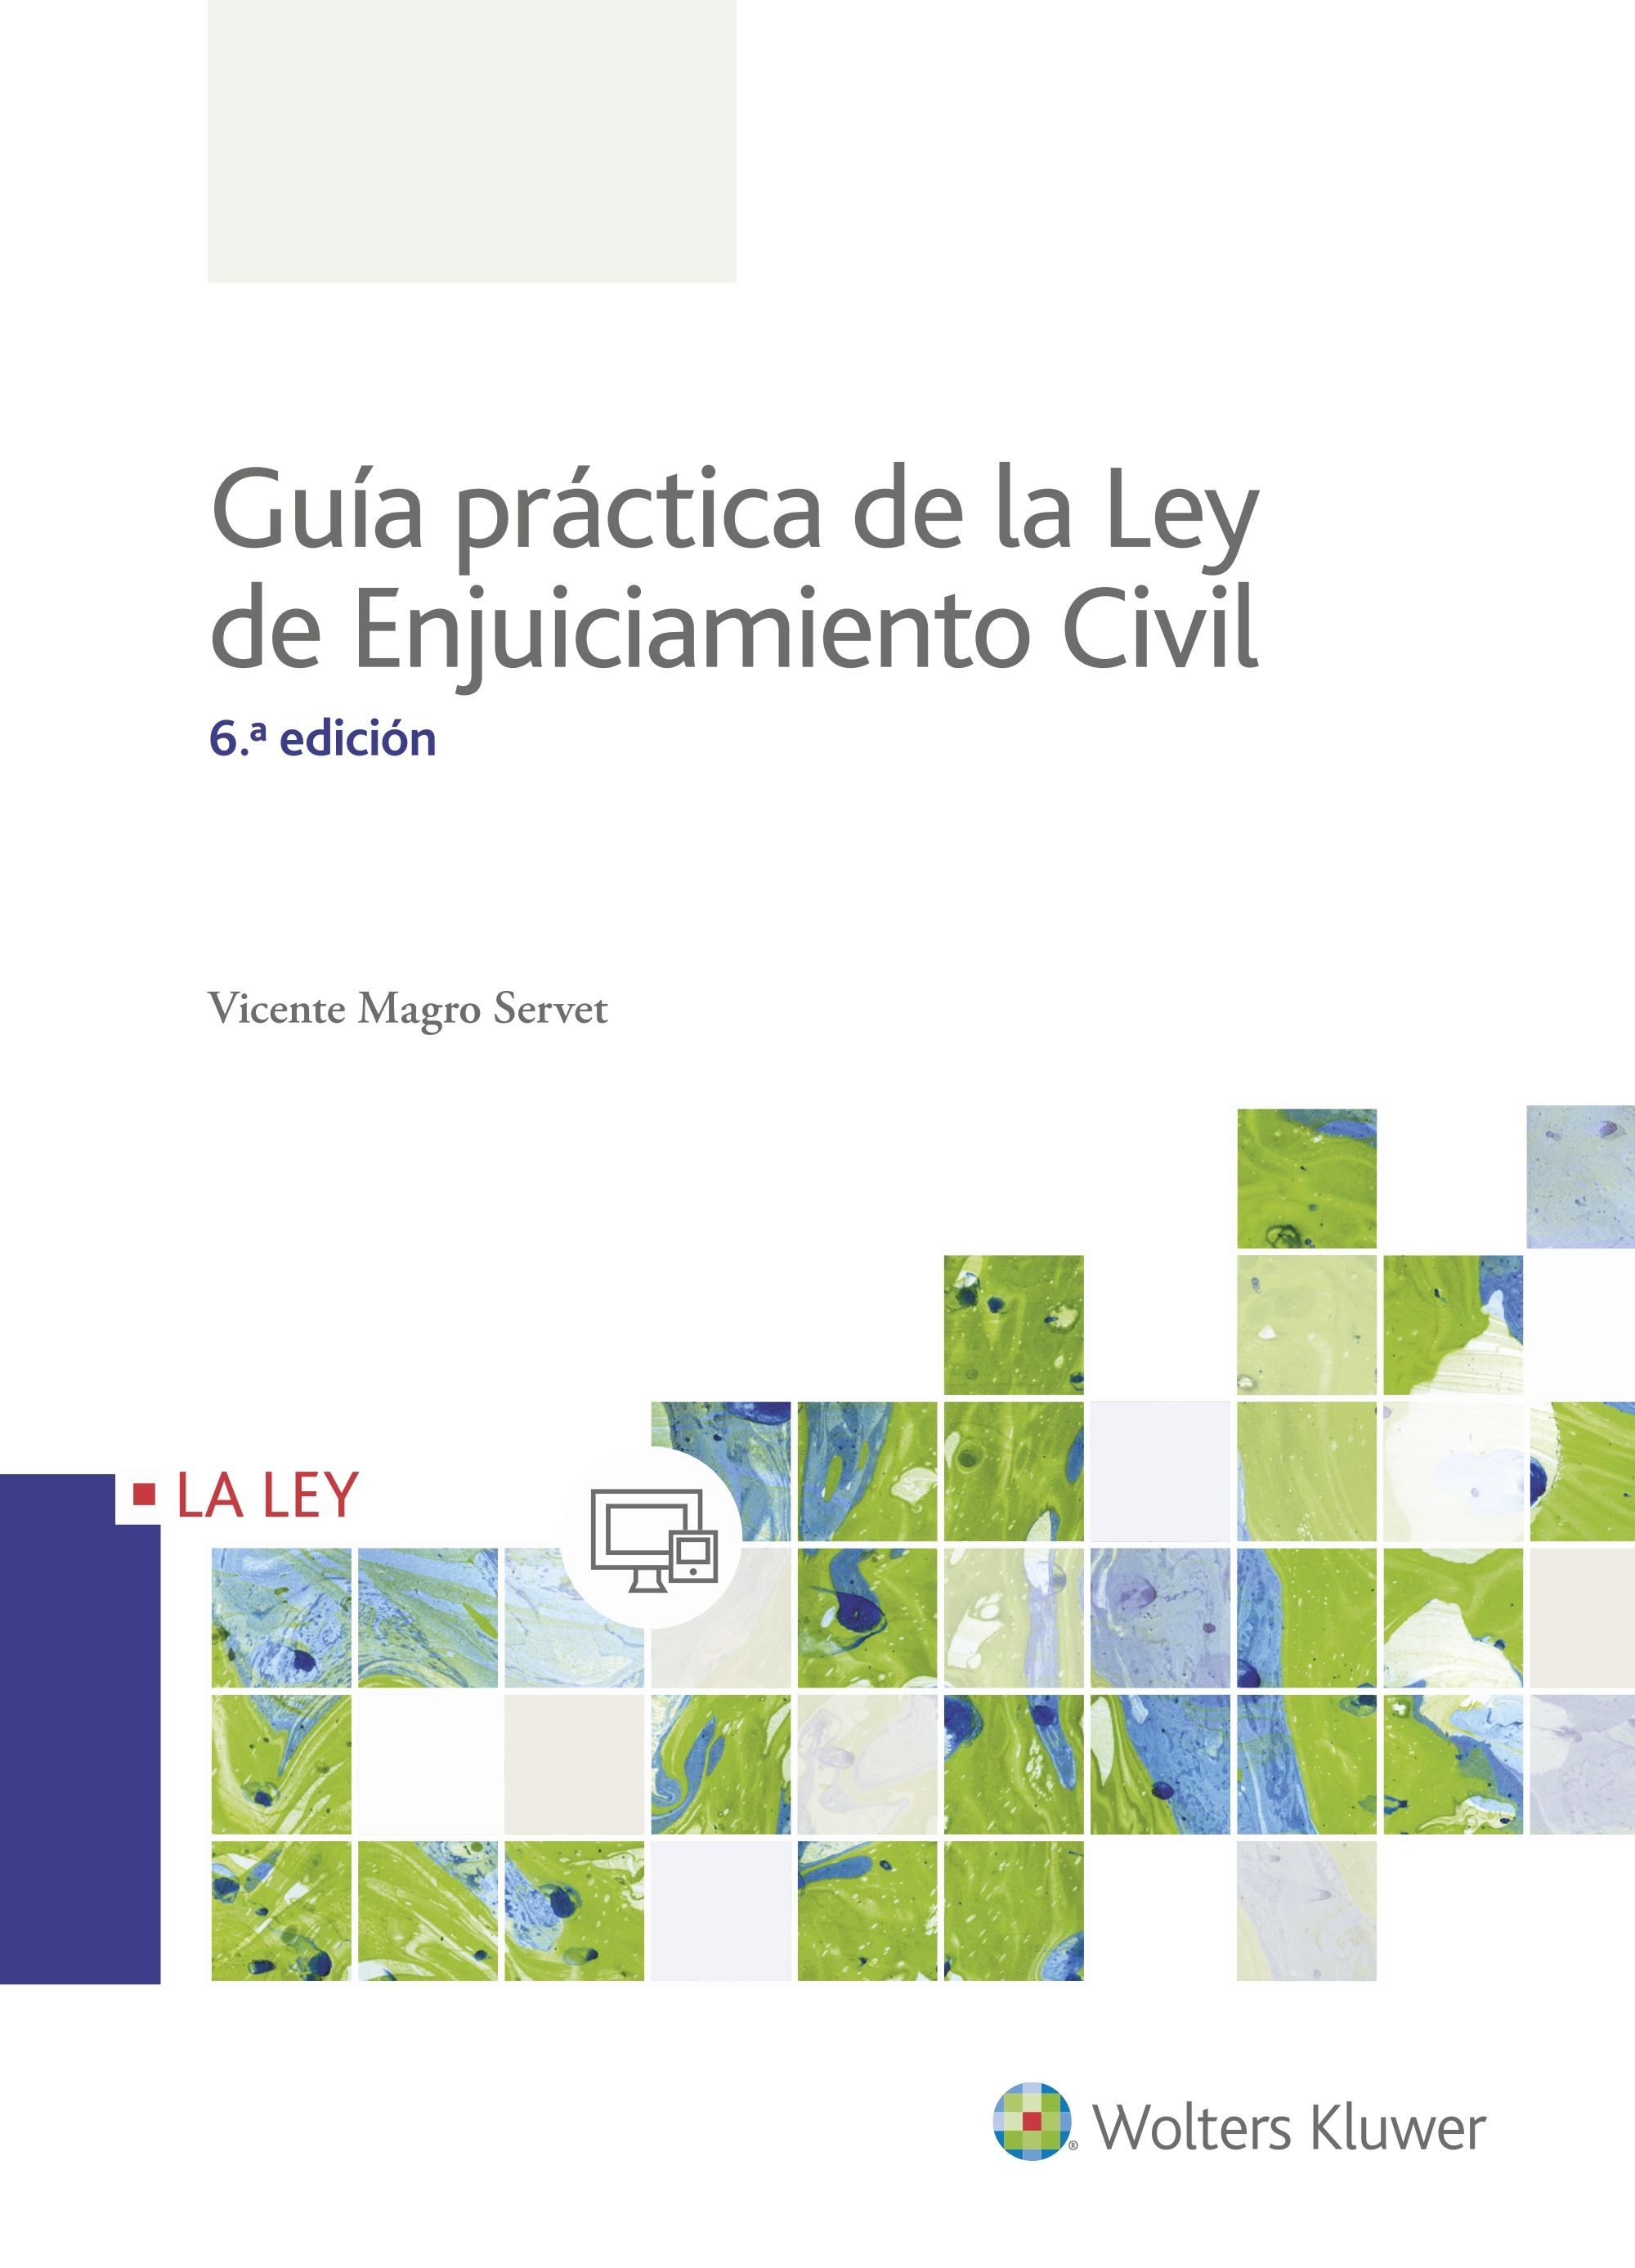 GUIA PRACTICA DE LA LEY ENJUICIAMIENTO CIVIL, 6ª E